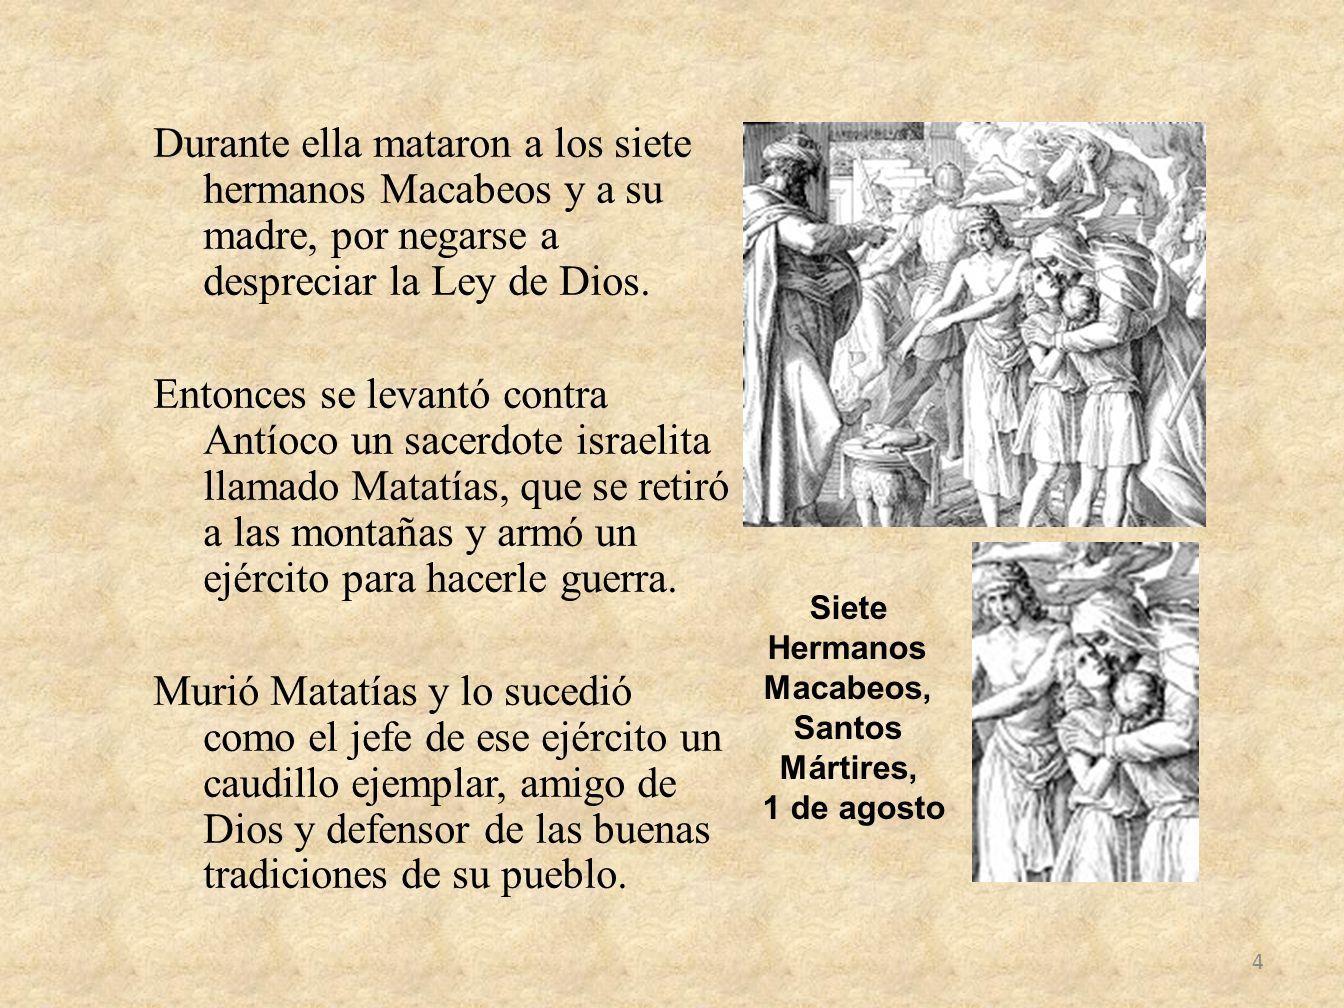 Durante ella mataron a los siete hermanos Macabeos y a su madre, por negarse a despreciar la Ley de Dios. Entonces se levantó contra Antíoco un sacerd